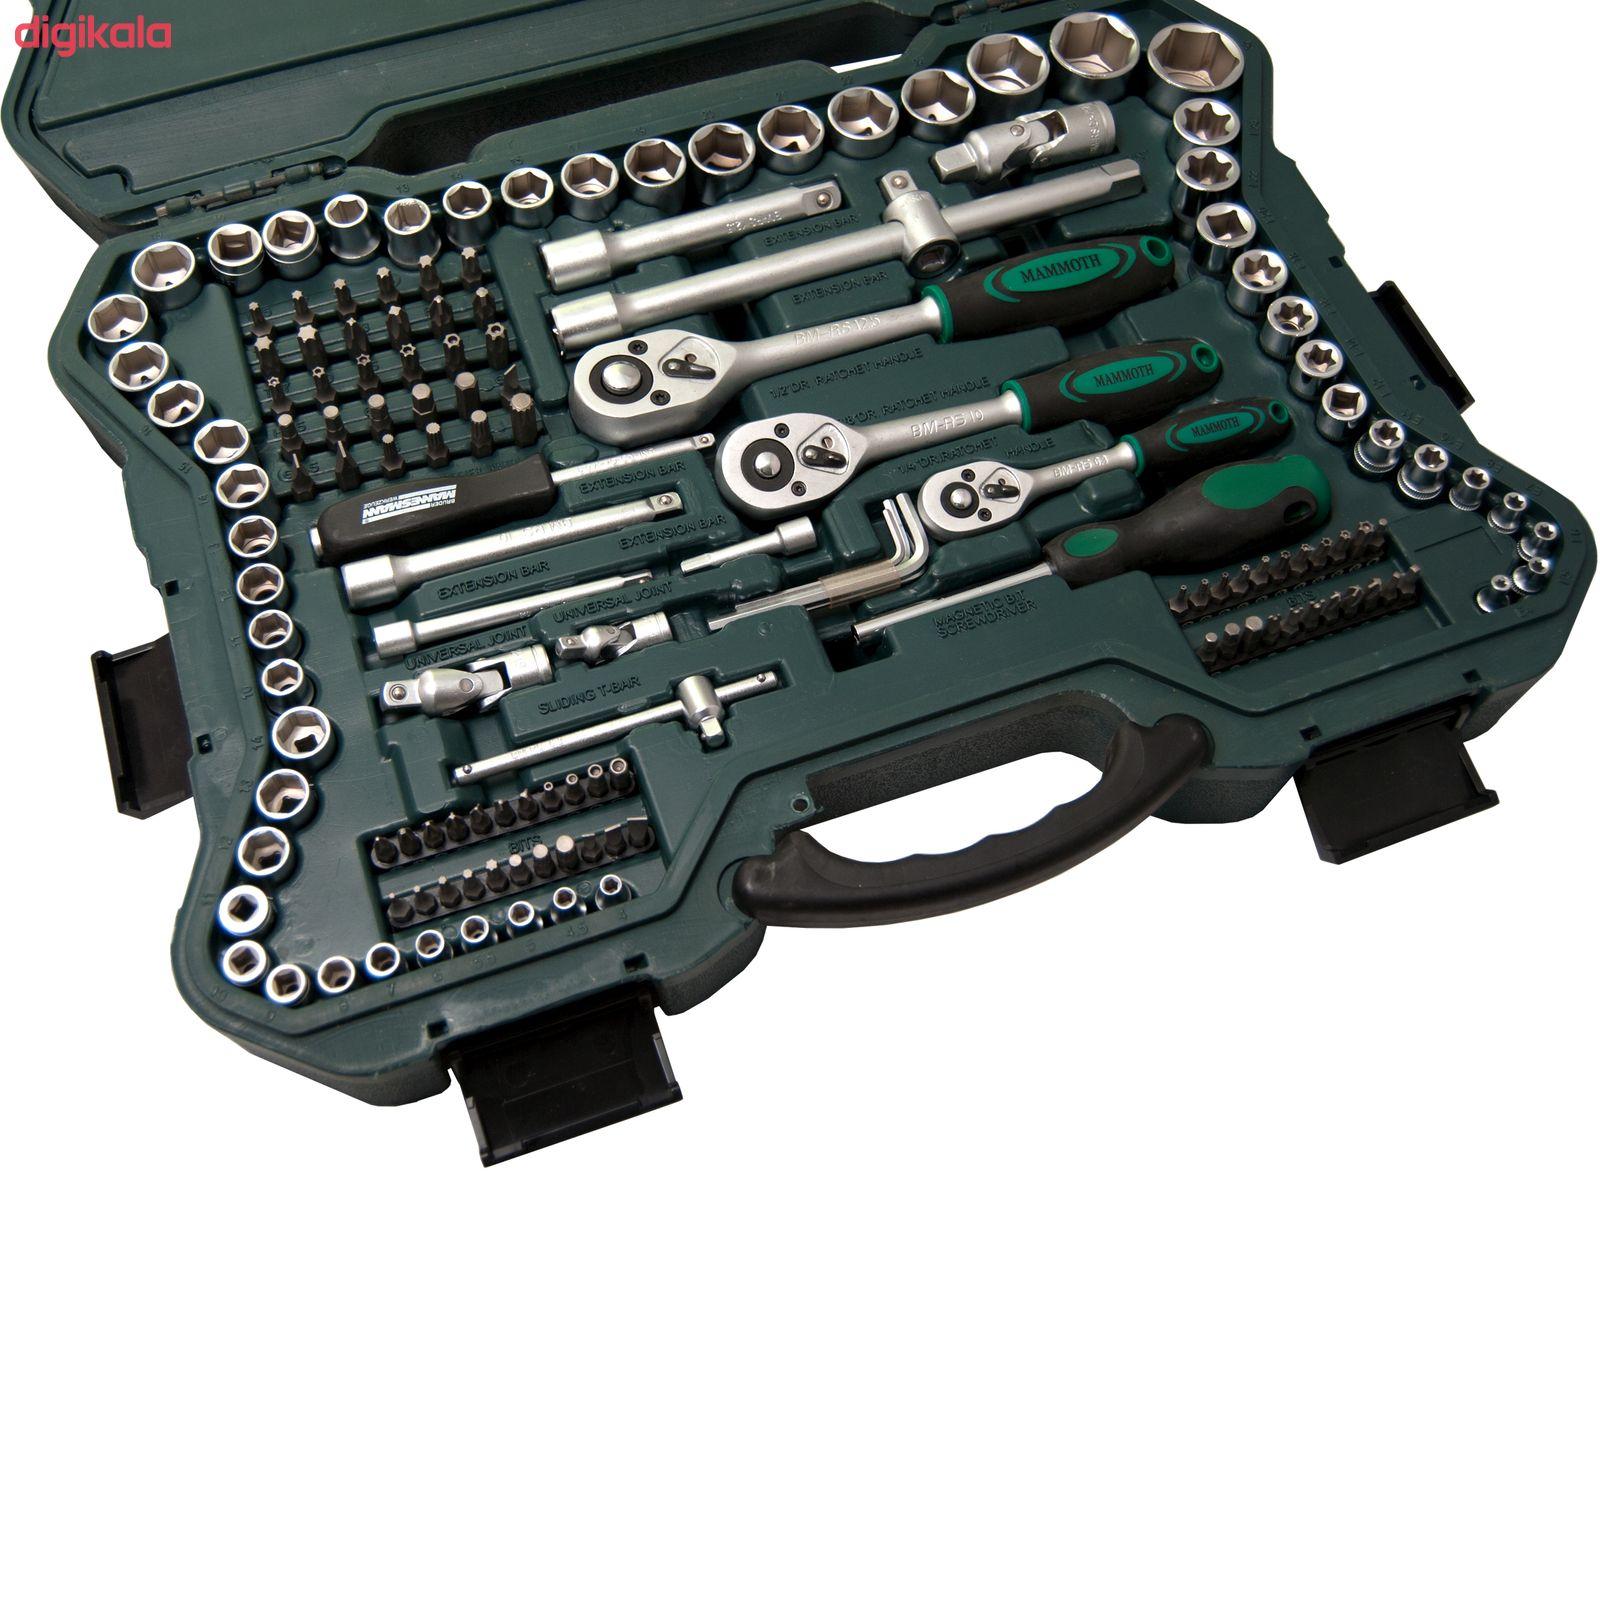 مجموعه 215 عددی آچار بکس و سری پیچ گوشتی ماموت مدل 90900035 main 1 6